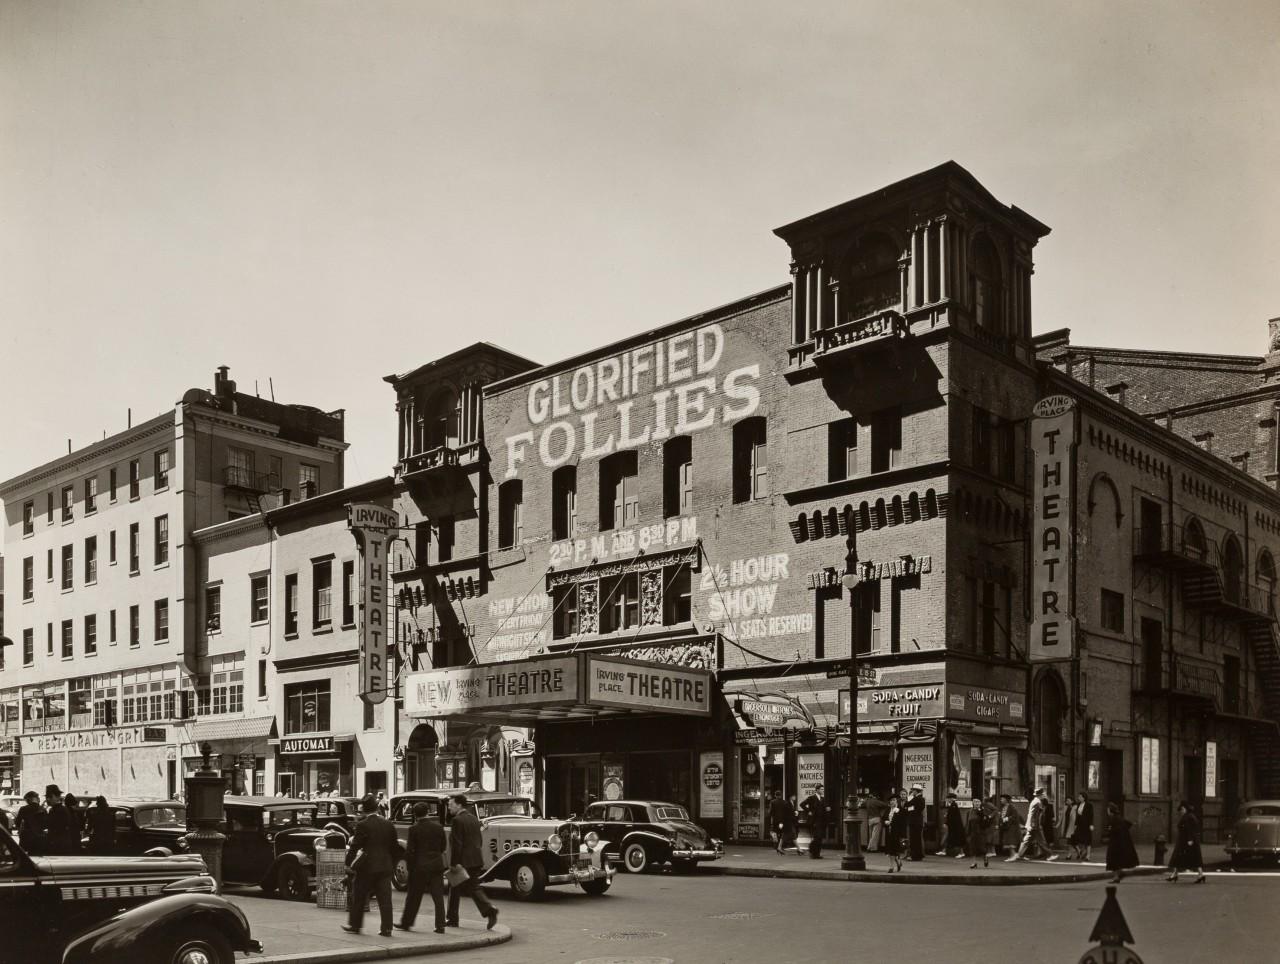 Театр Ирвинг Плэйс, 8 сентября, 1938. Автор Беренис Эббот